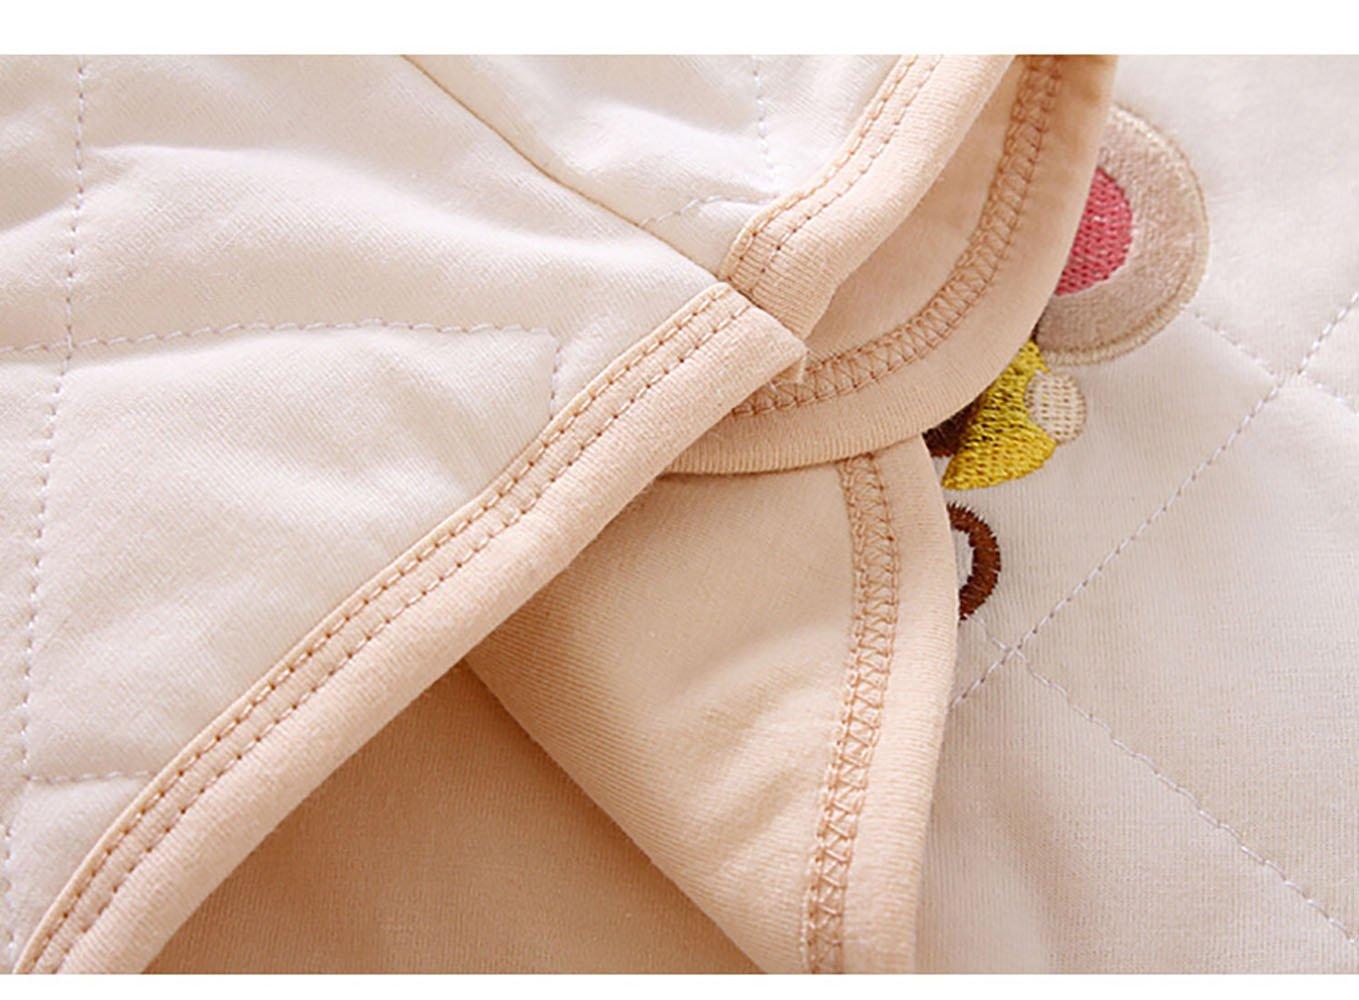 ThreeH Chaqueta de bebé Caliente Chaleco de Invierno de algodón BR12 5